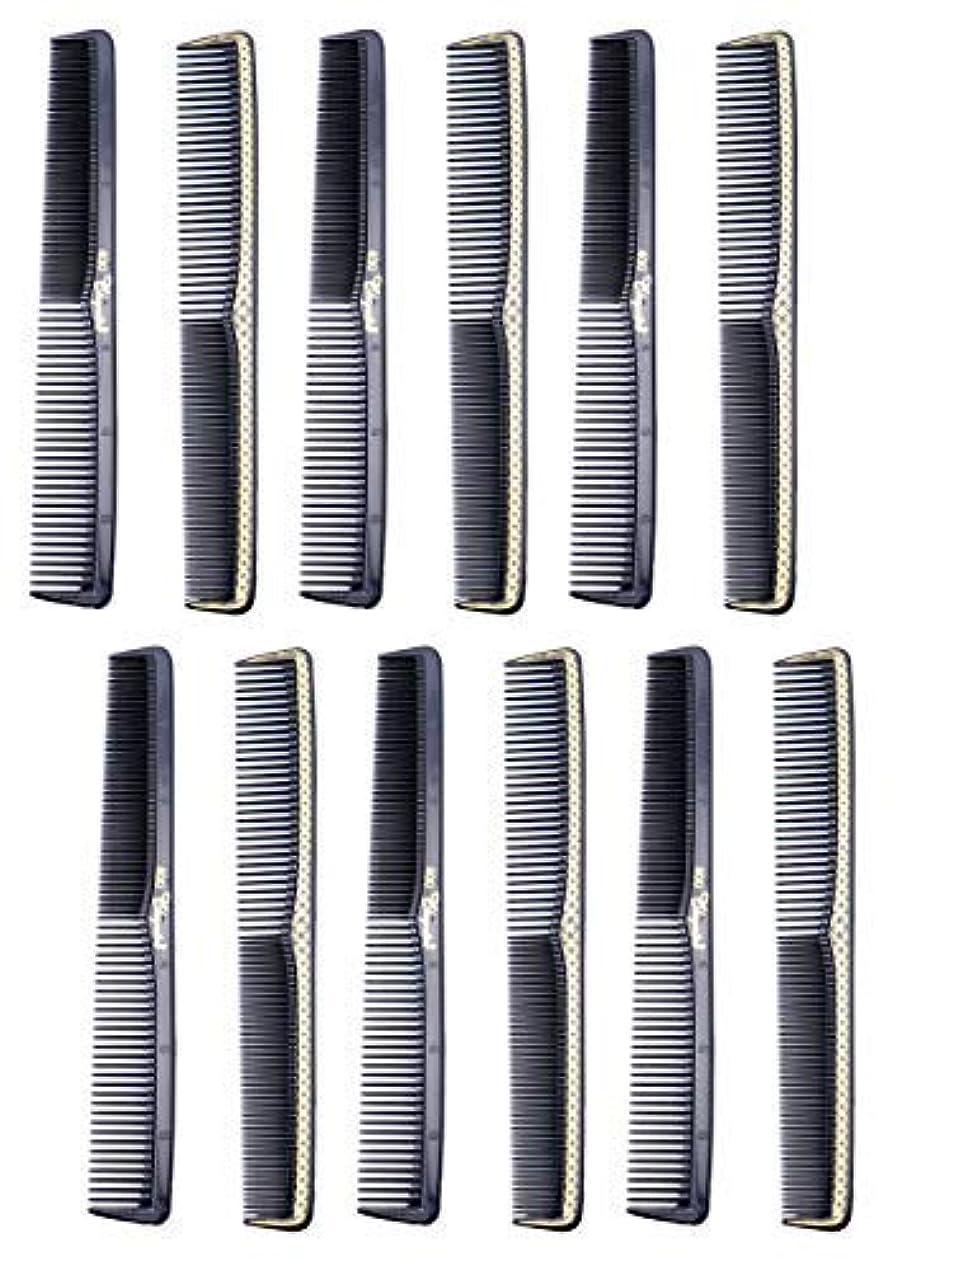 勉強する眉をひそめる落とし穴7 inch All Purpose Hair Comb. Hair Cutting Combs. Barber's & Hairstylist Combs. Black With Gold. 12 Units. [並行輸入品]